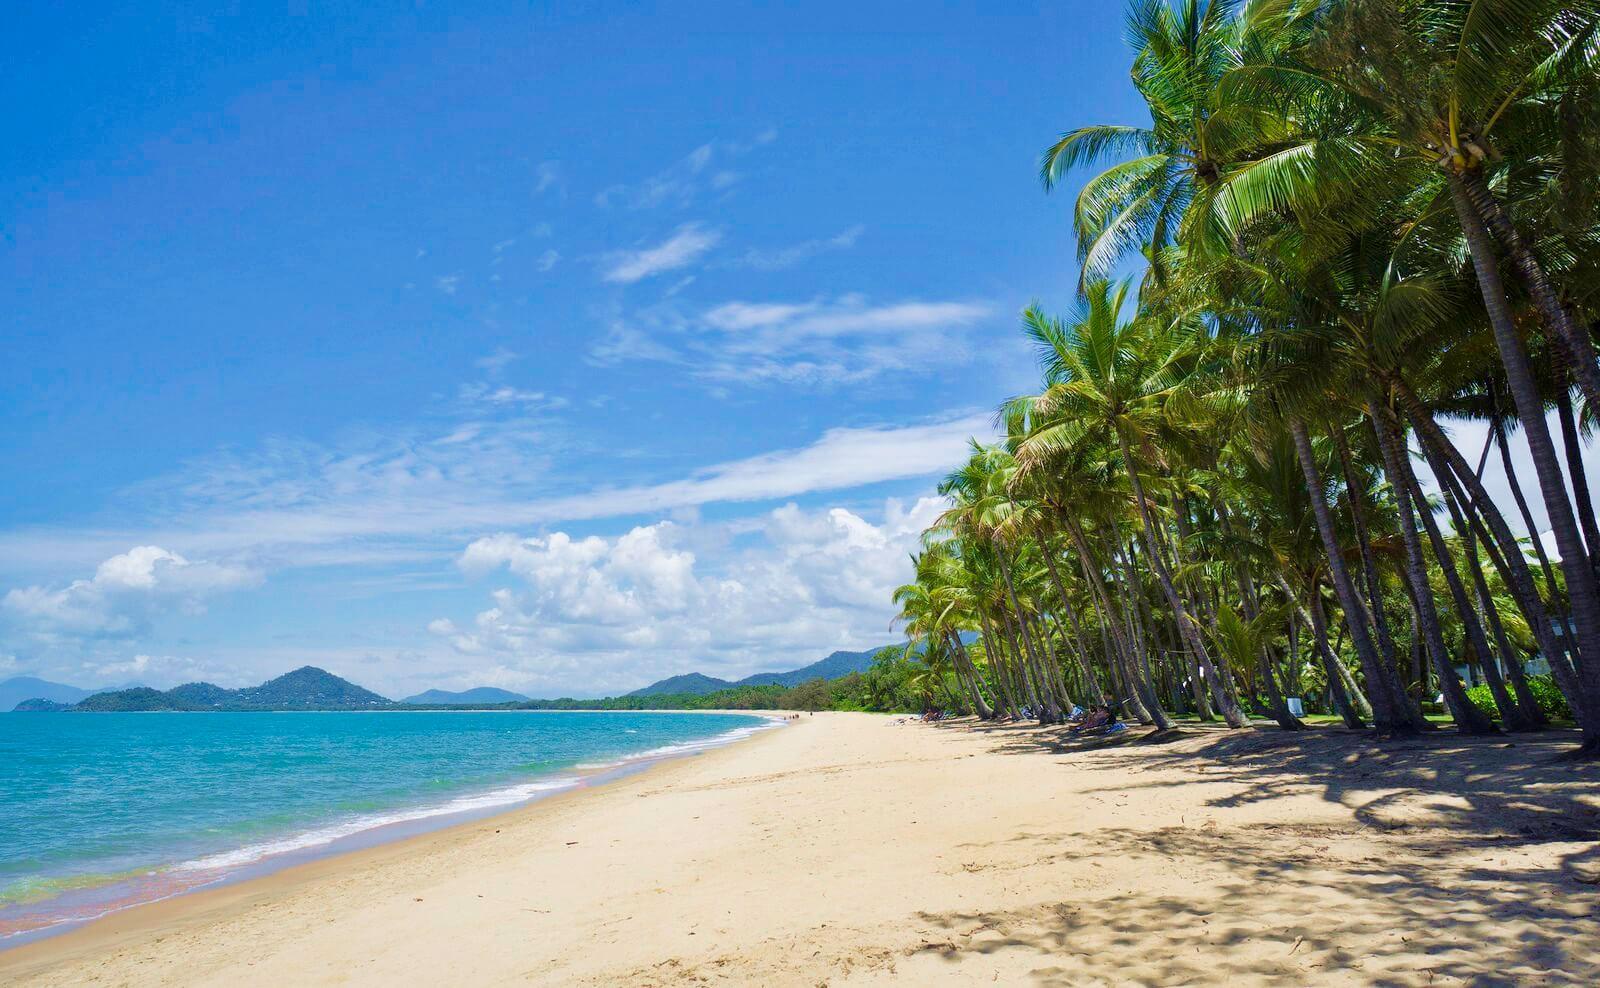 凱恩斯-景點-推薦-棕櫚灣-海灘-旅遊-自由行-澳洲-Cairns-Tourist-Attraction-Palm-Cove-Beach-Travel-Australia